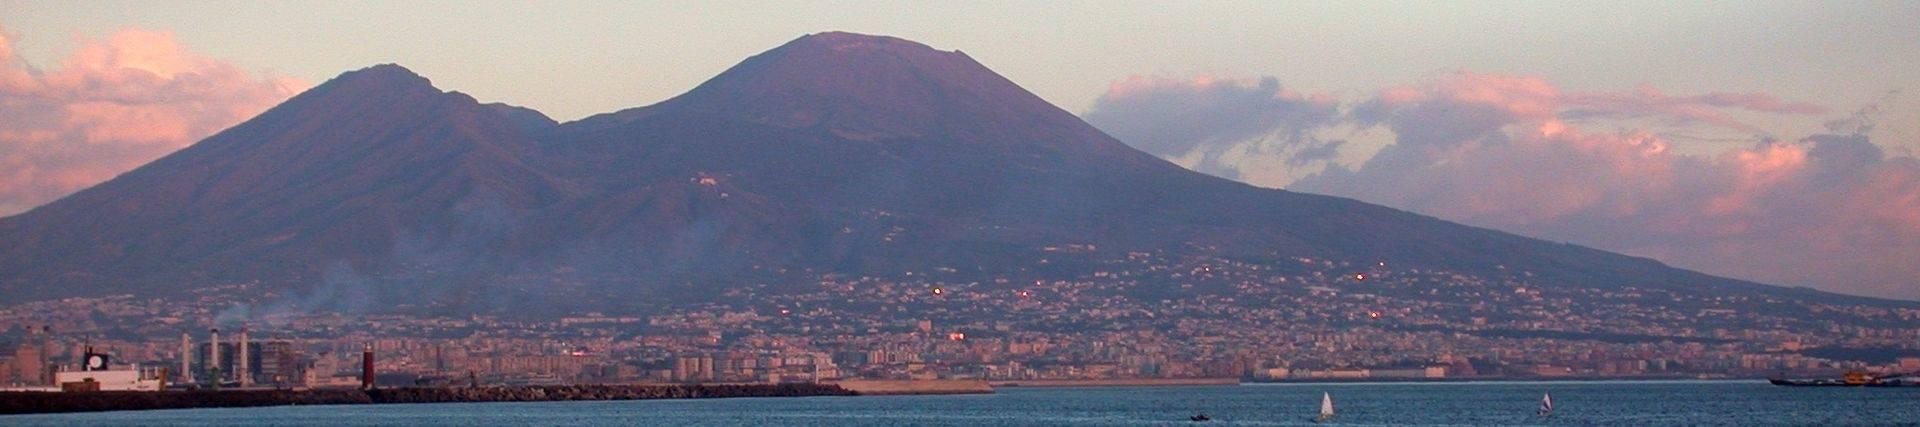 Vesuvio_landscape